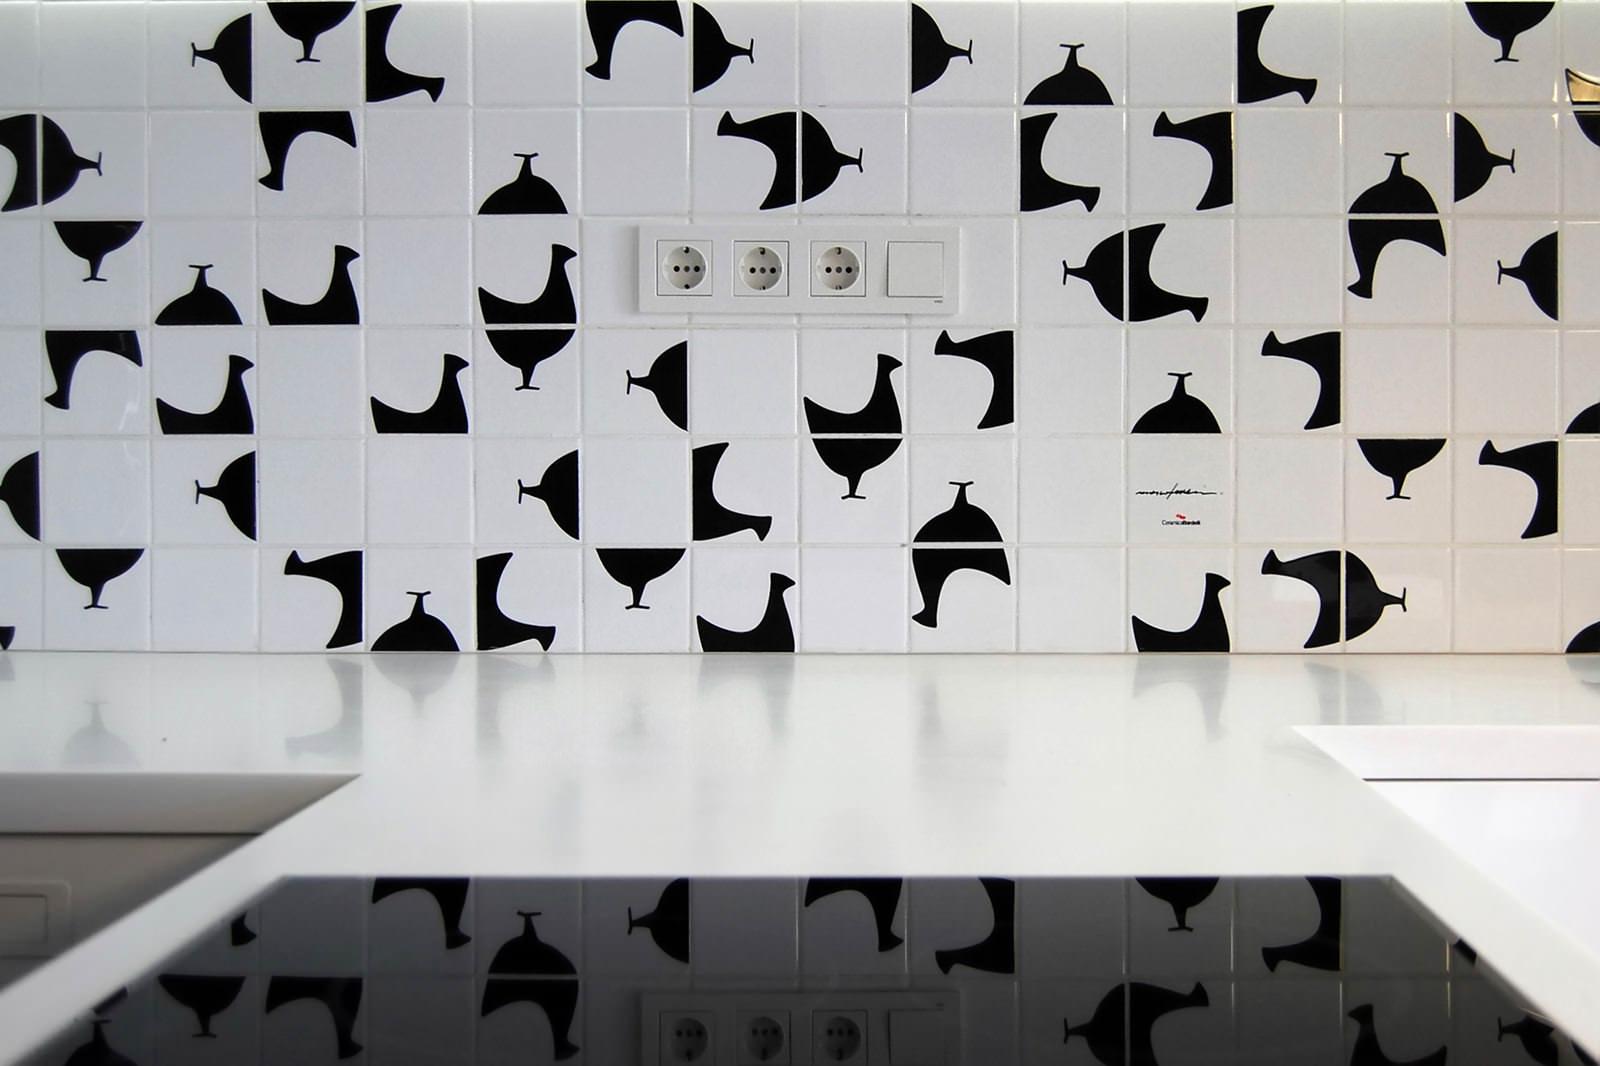 apartament-s-nestandarten-interior-v-skandinavski-stil-3g